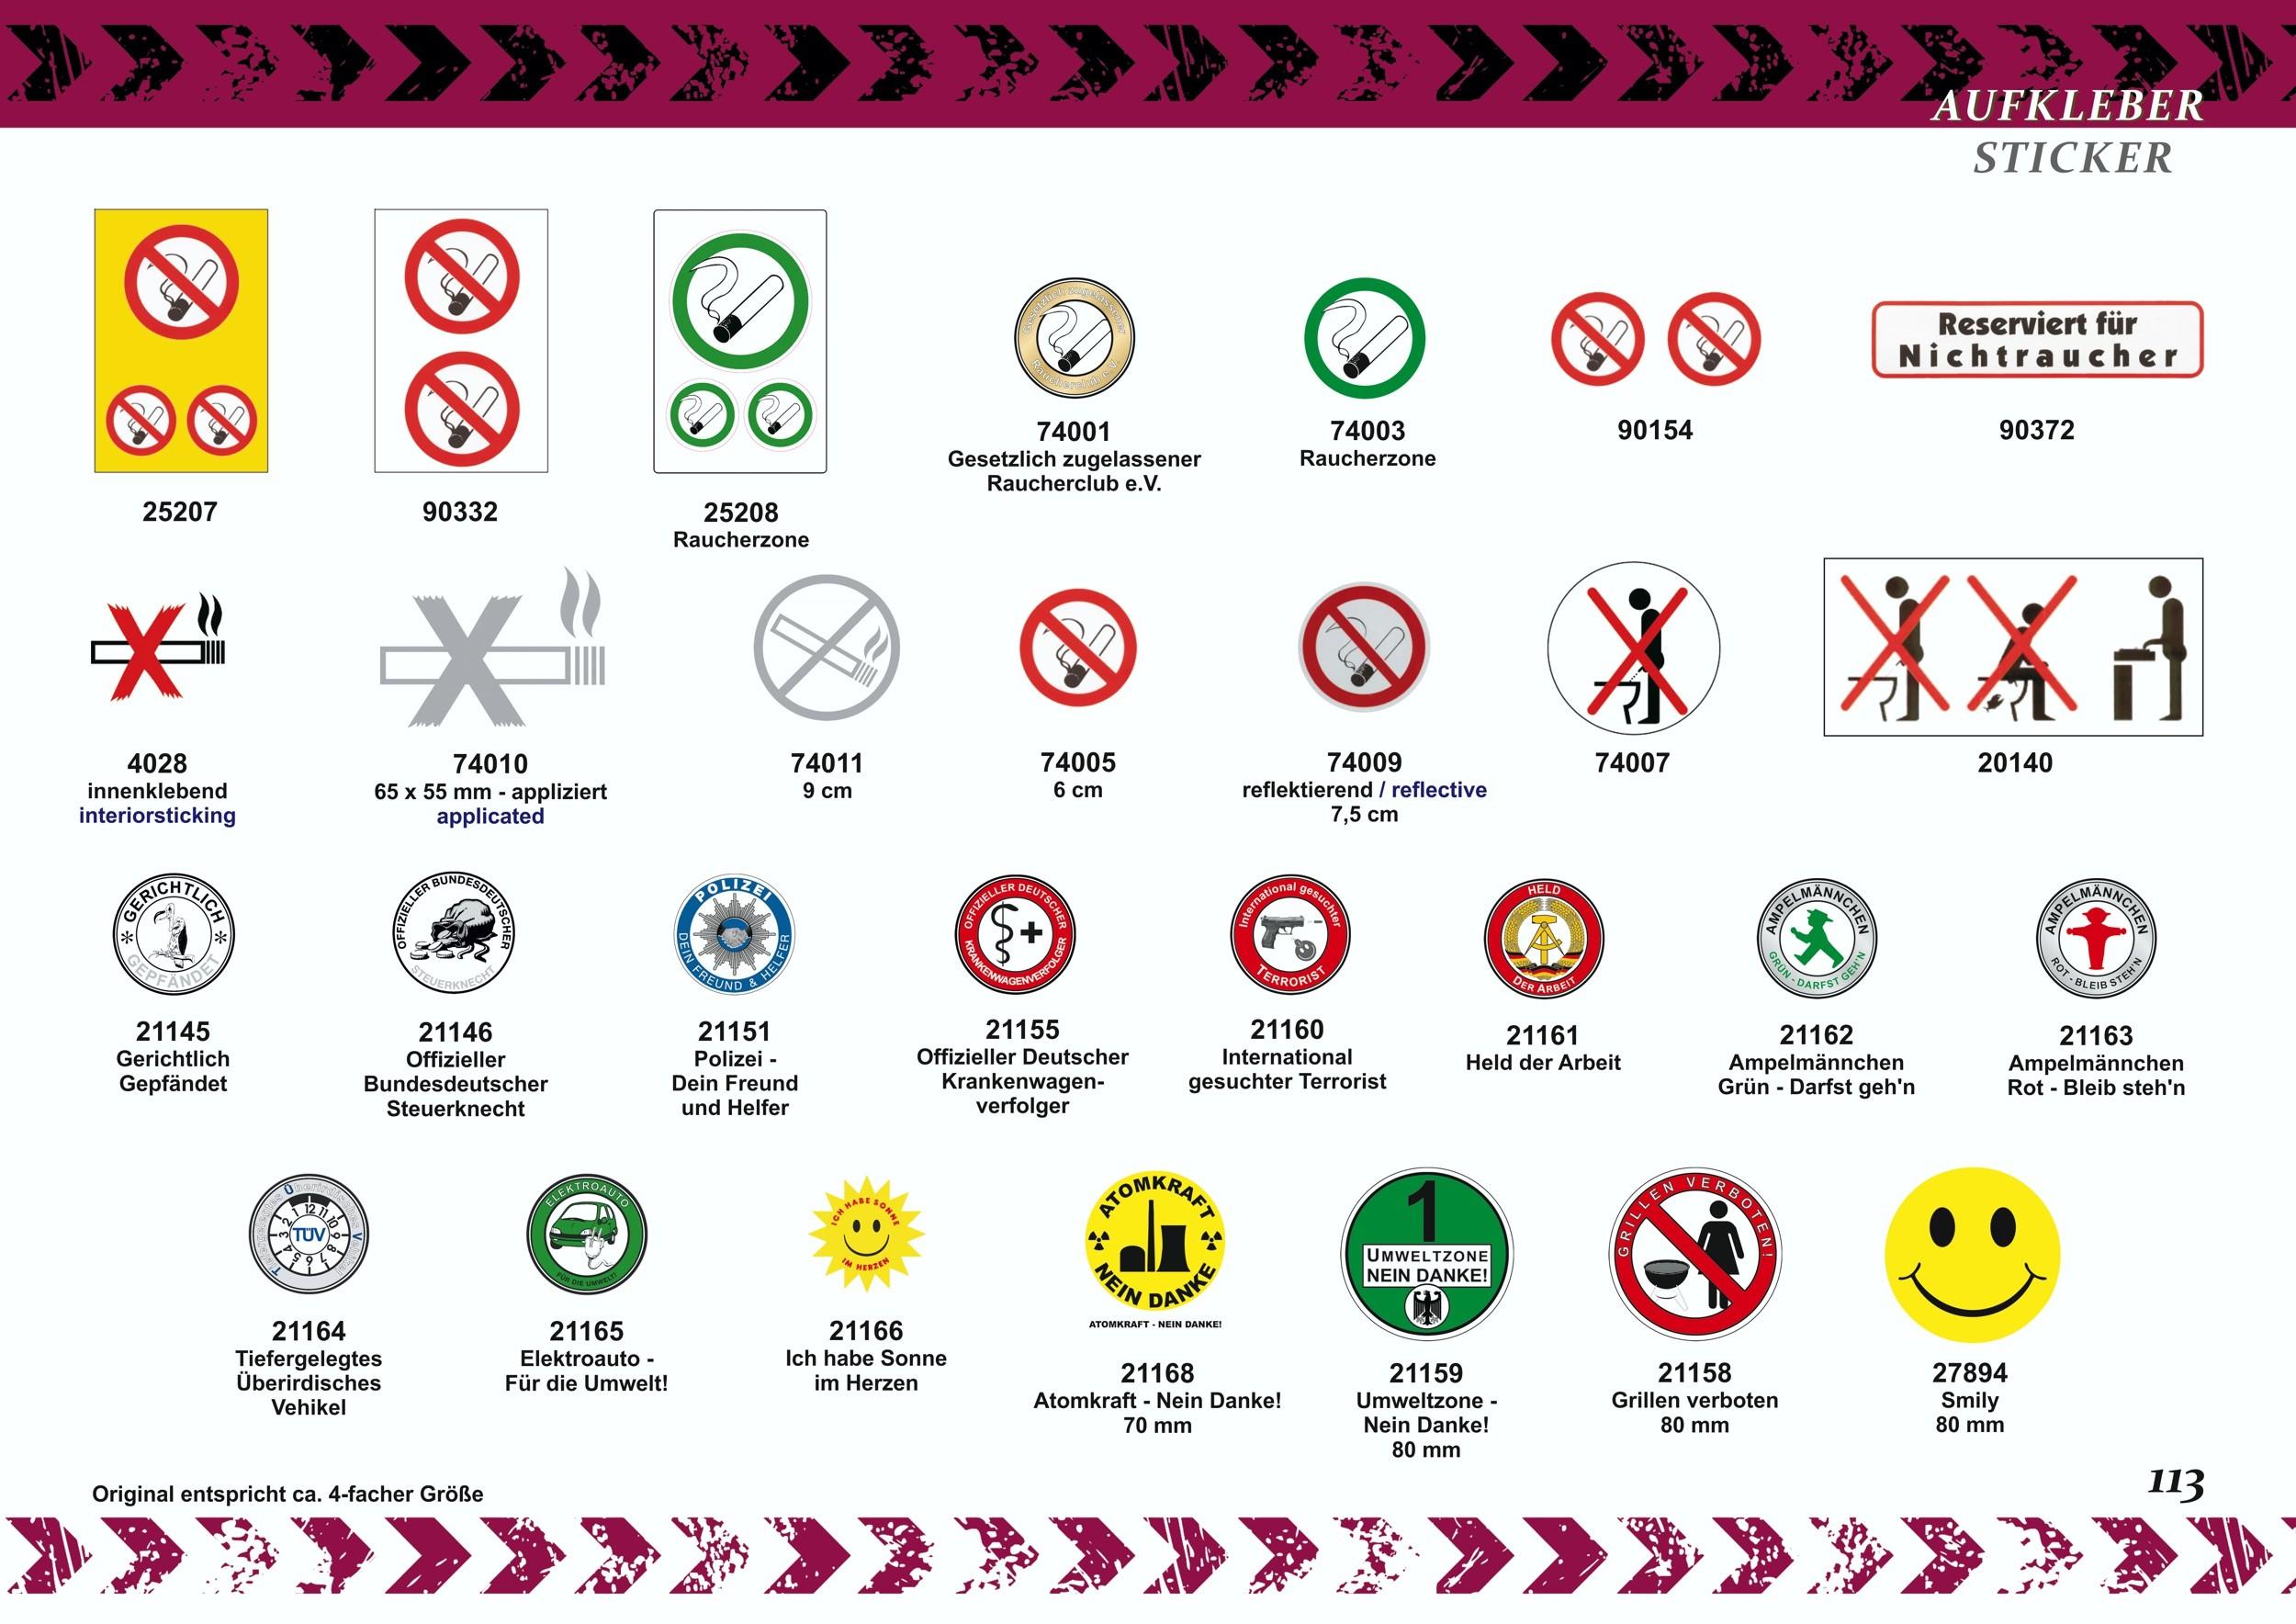 Sticker smoking area Set of 3 pieces 145 x 110 mm – Bild 4